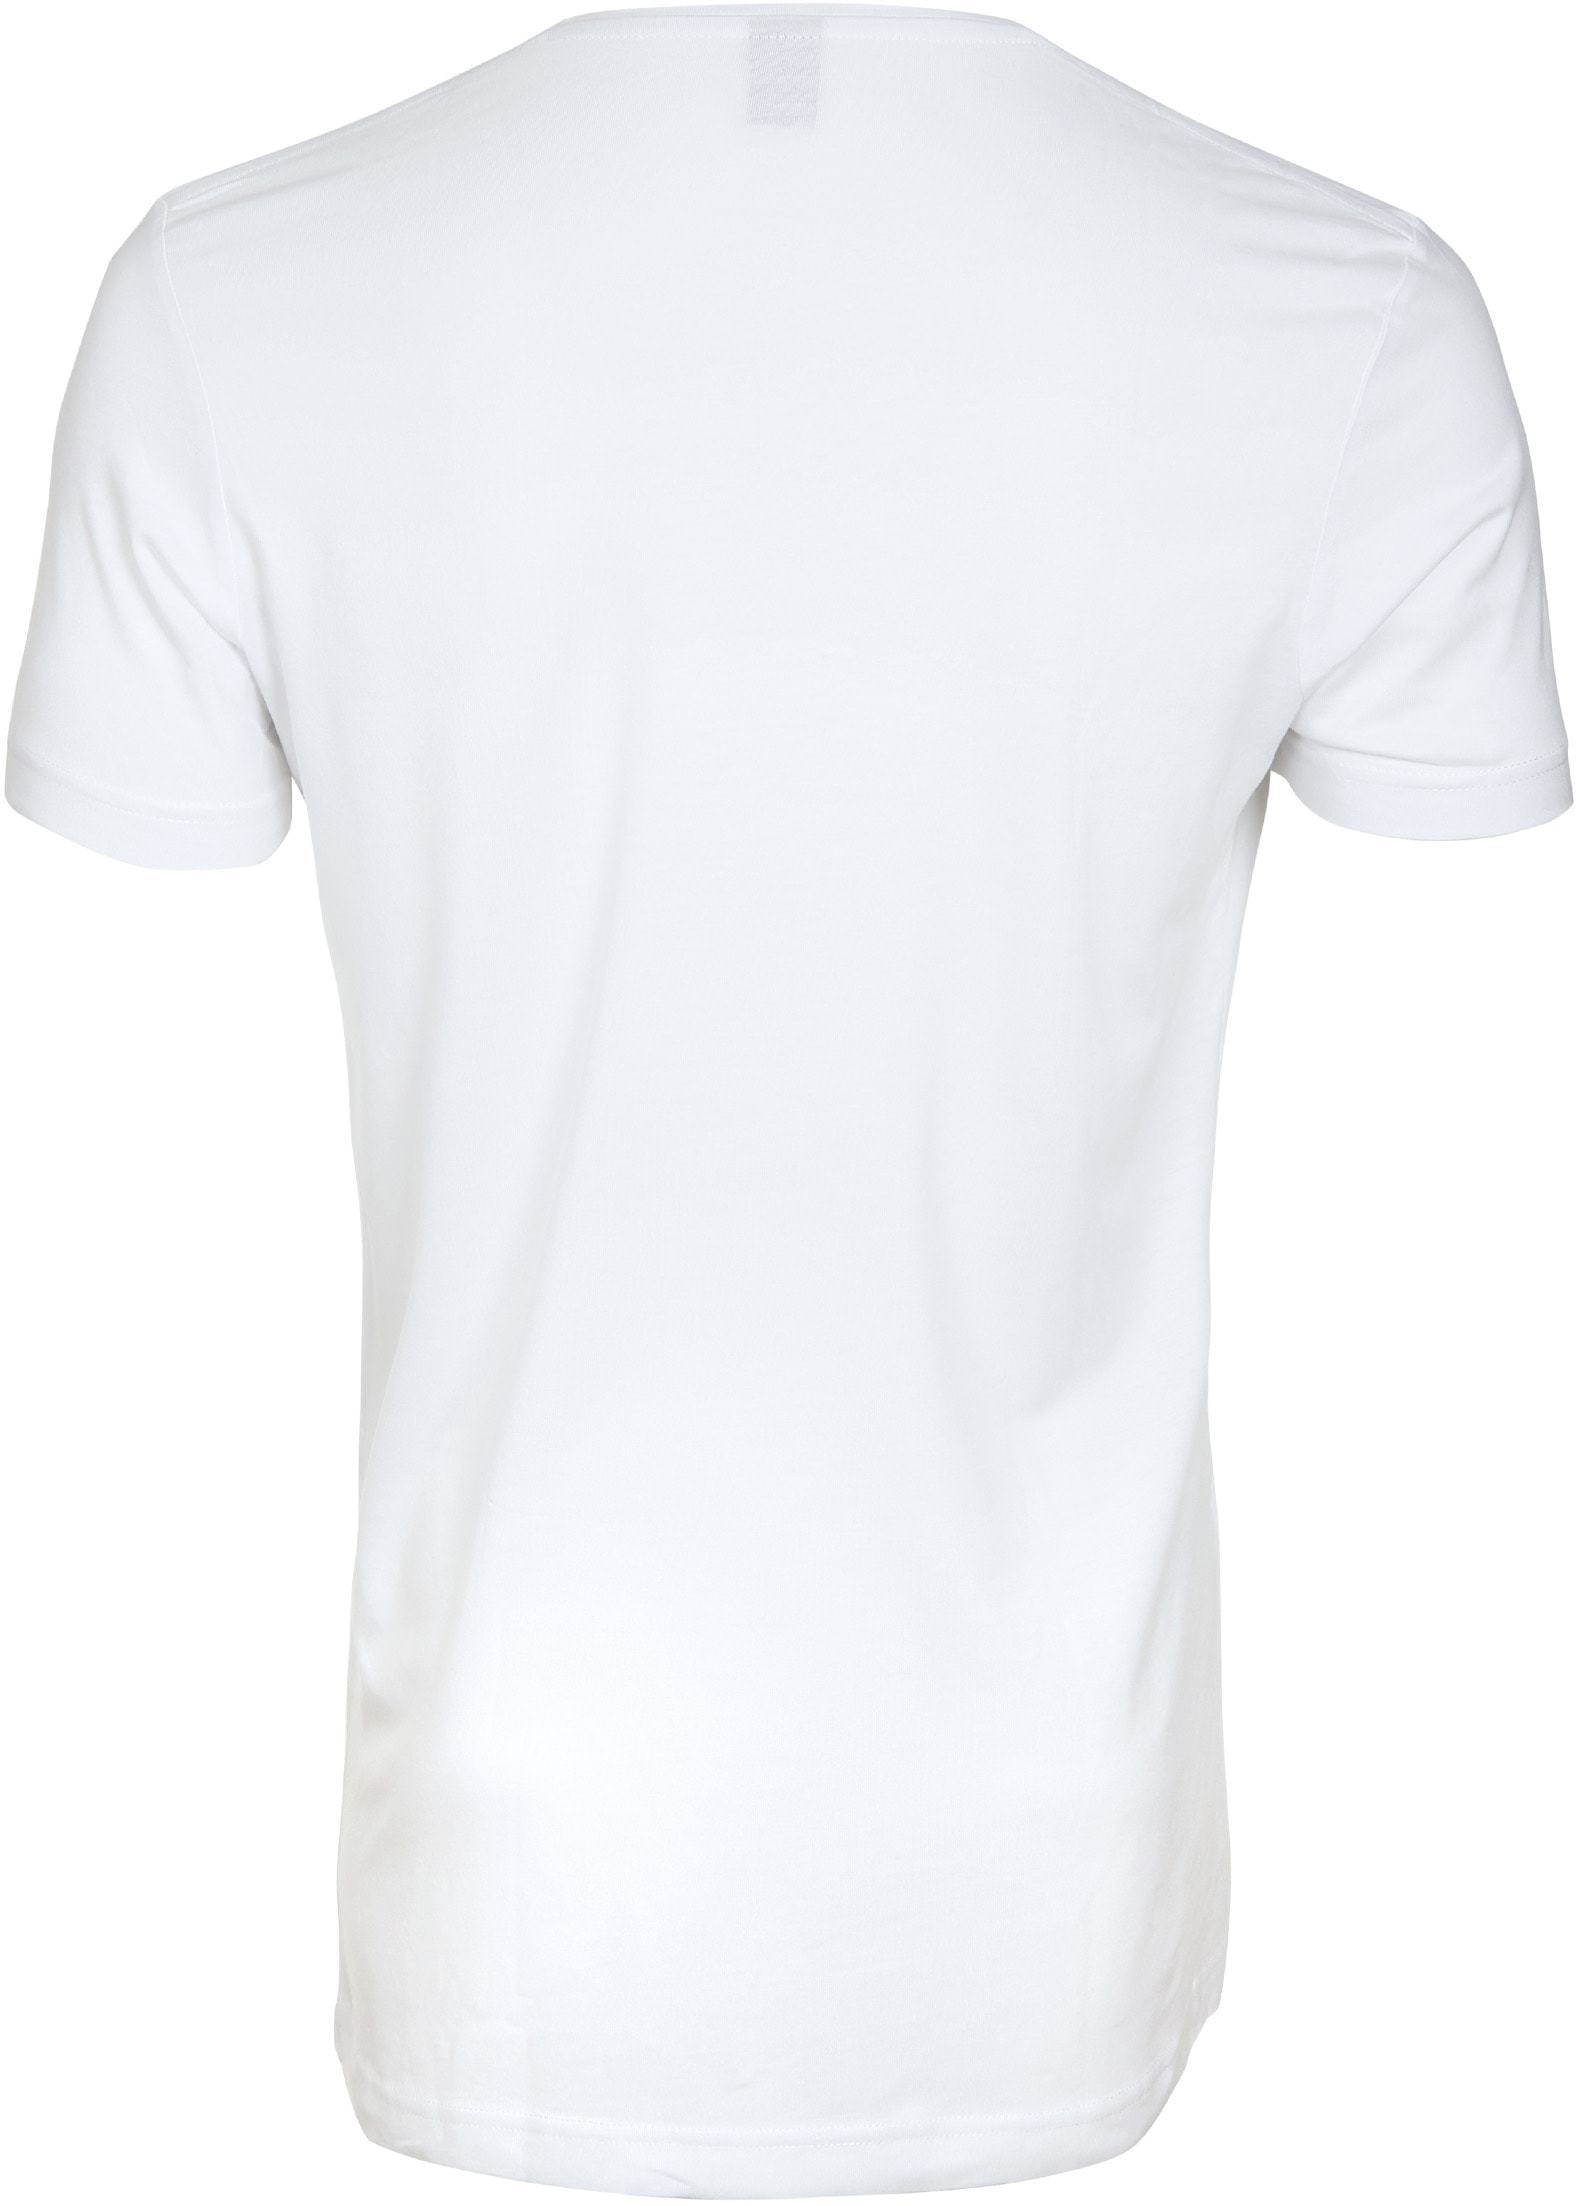 Tiefer V-Ausschnitt 2-Pack Stretch Bambus T-Shirt Weiß foto 2